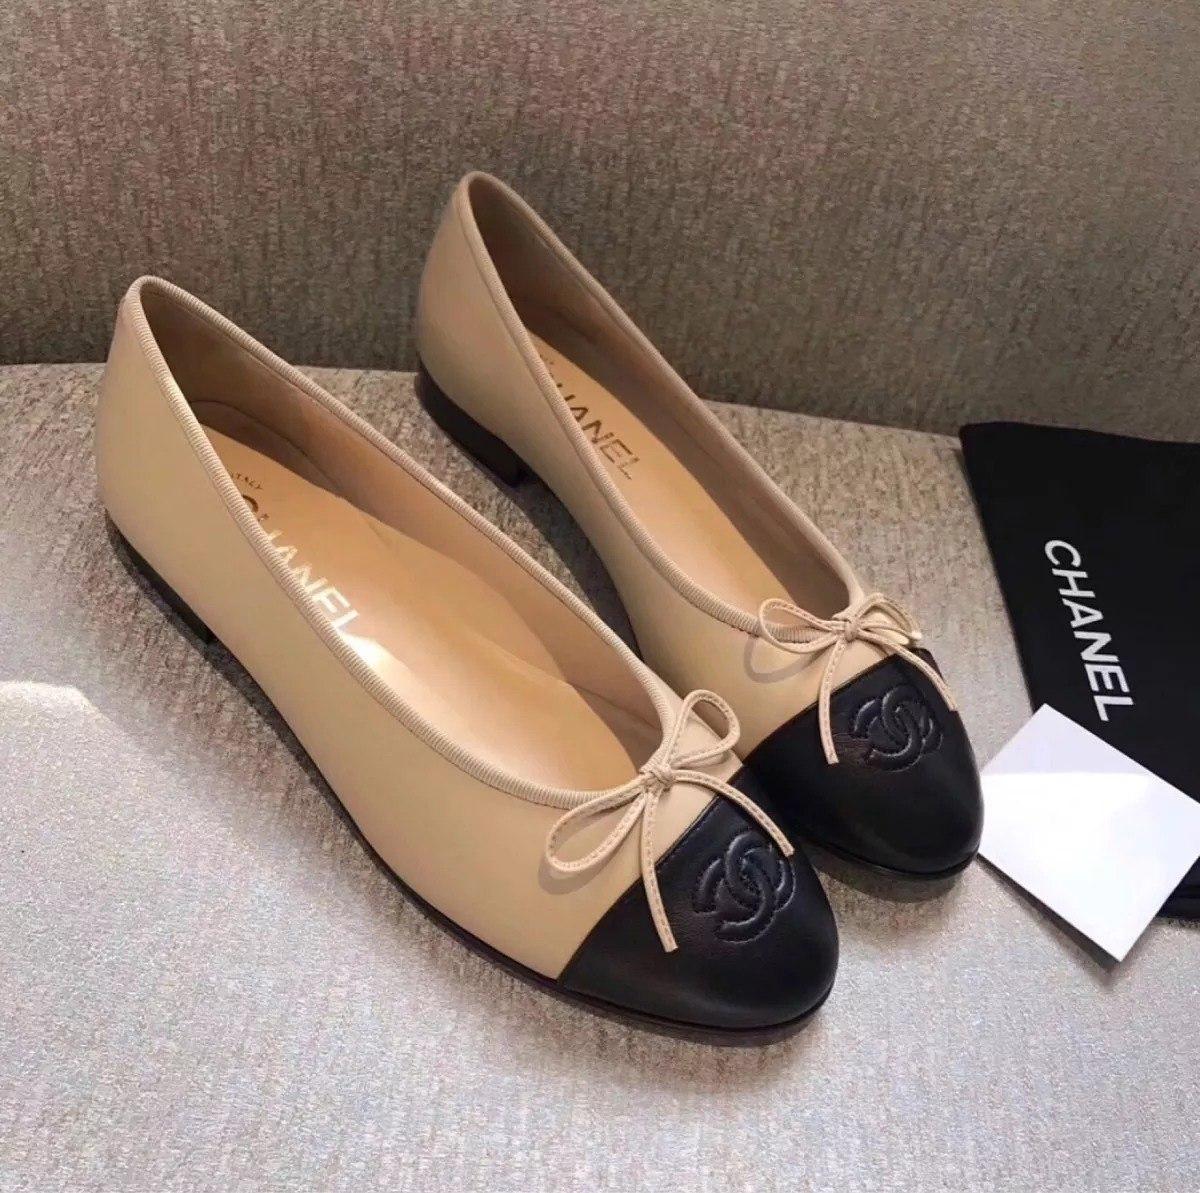 9de7bed26 Sapatilha Sapato Calçado Bale Da Marca Chanel Feminino. - R$ 599,00 ...